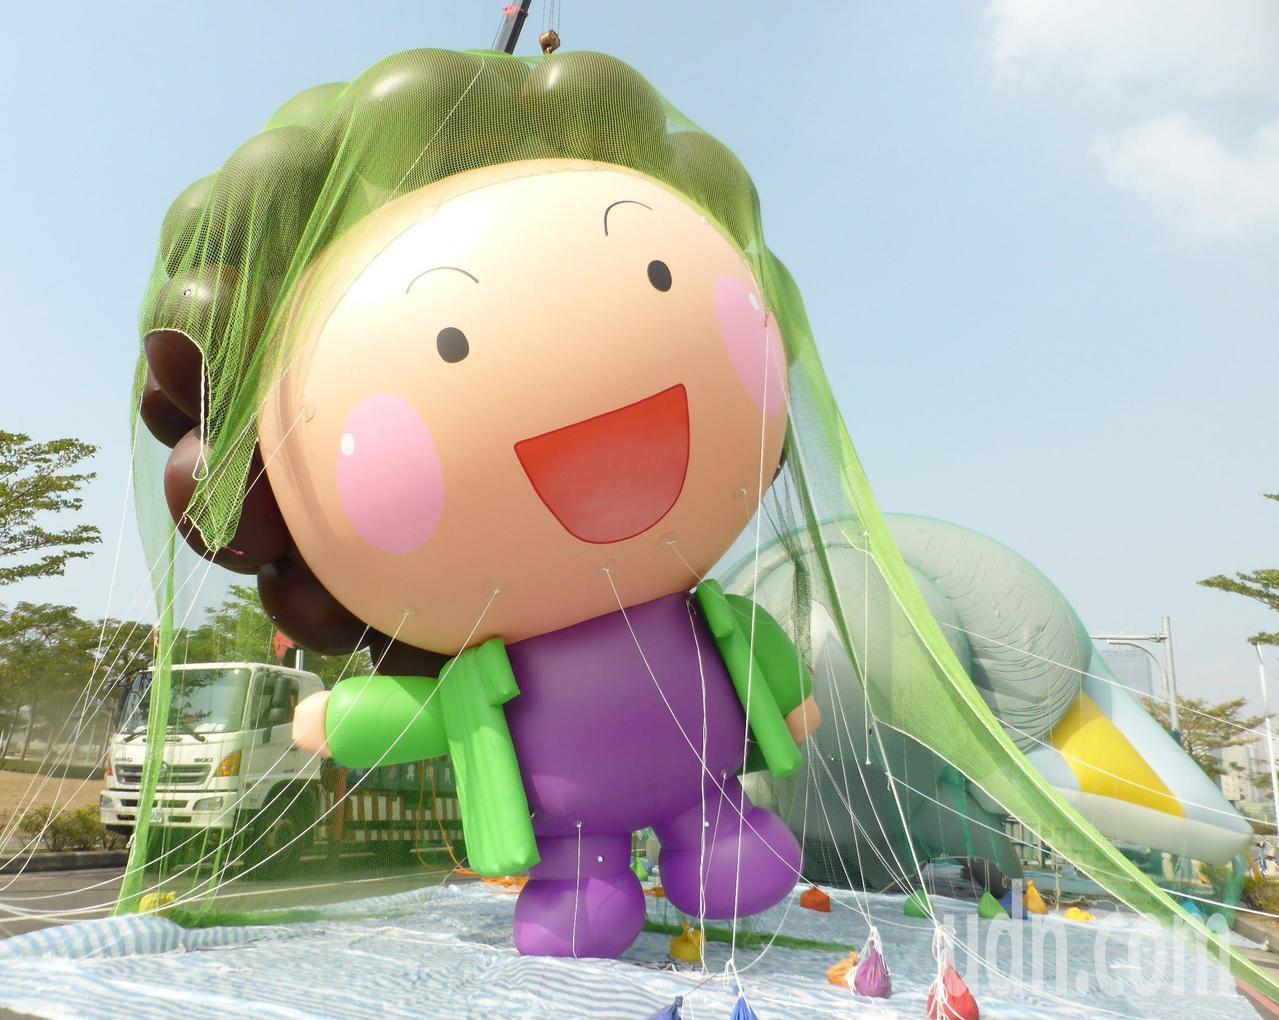 以高雄市長陳菊「Q版花媽」為造型的大氣球,今年首度加入高雄第10年的大氣球遊行。...